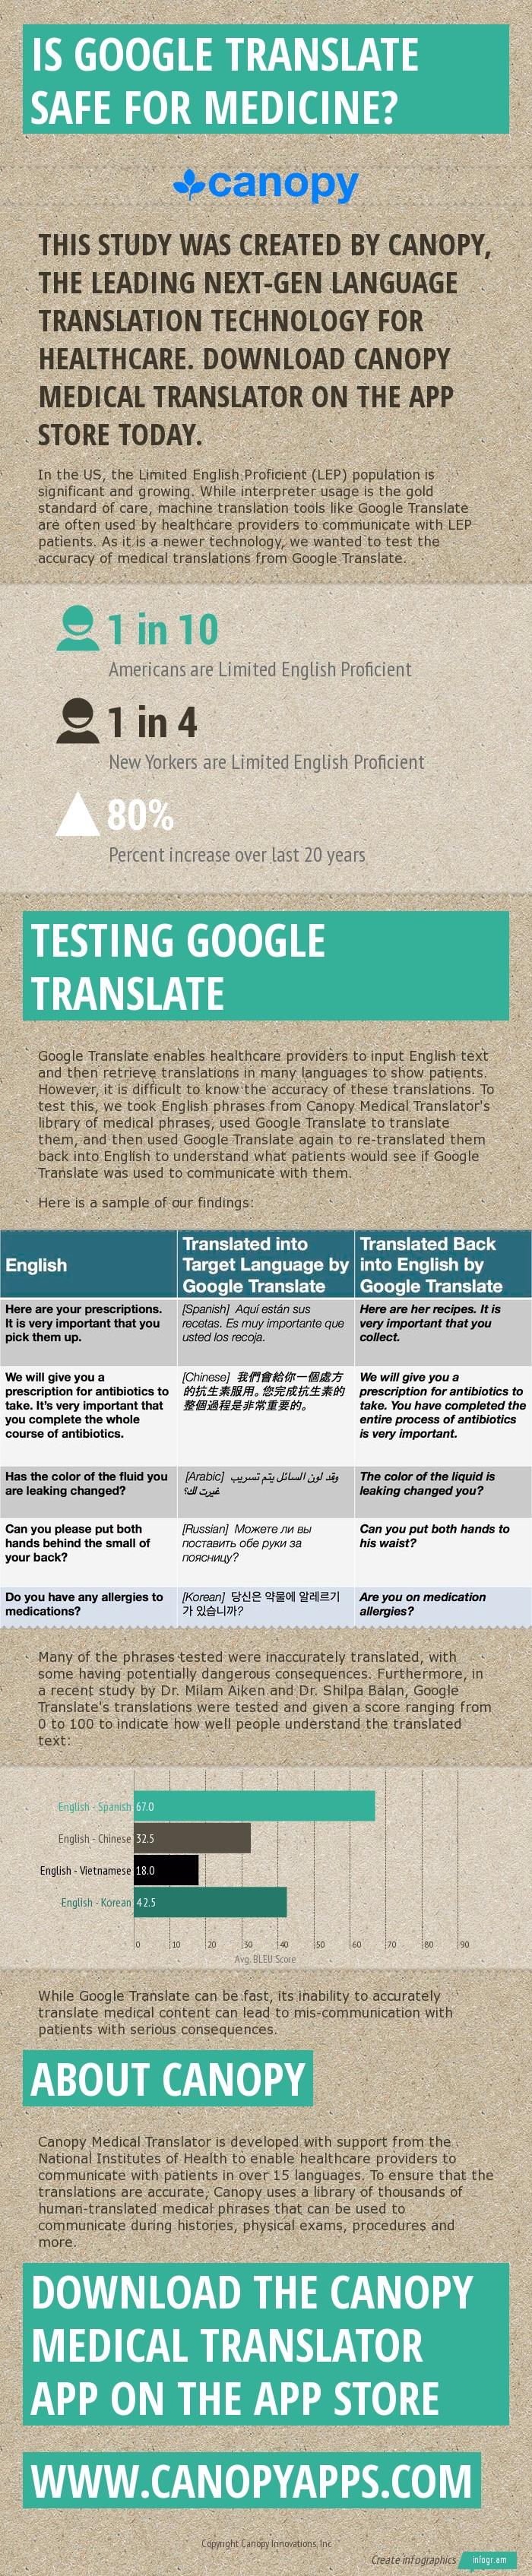 Is_Google_Translate_Safe_for_medicine-3 (1).jpg